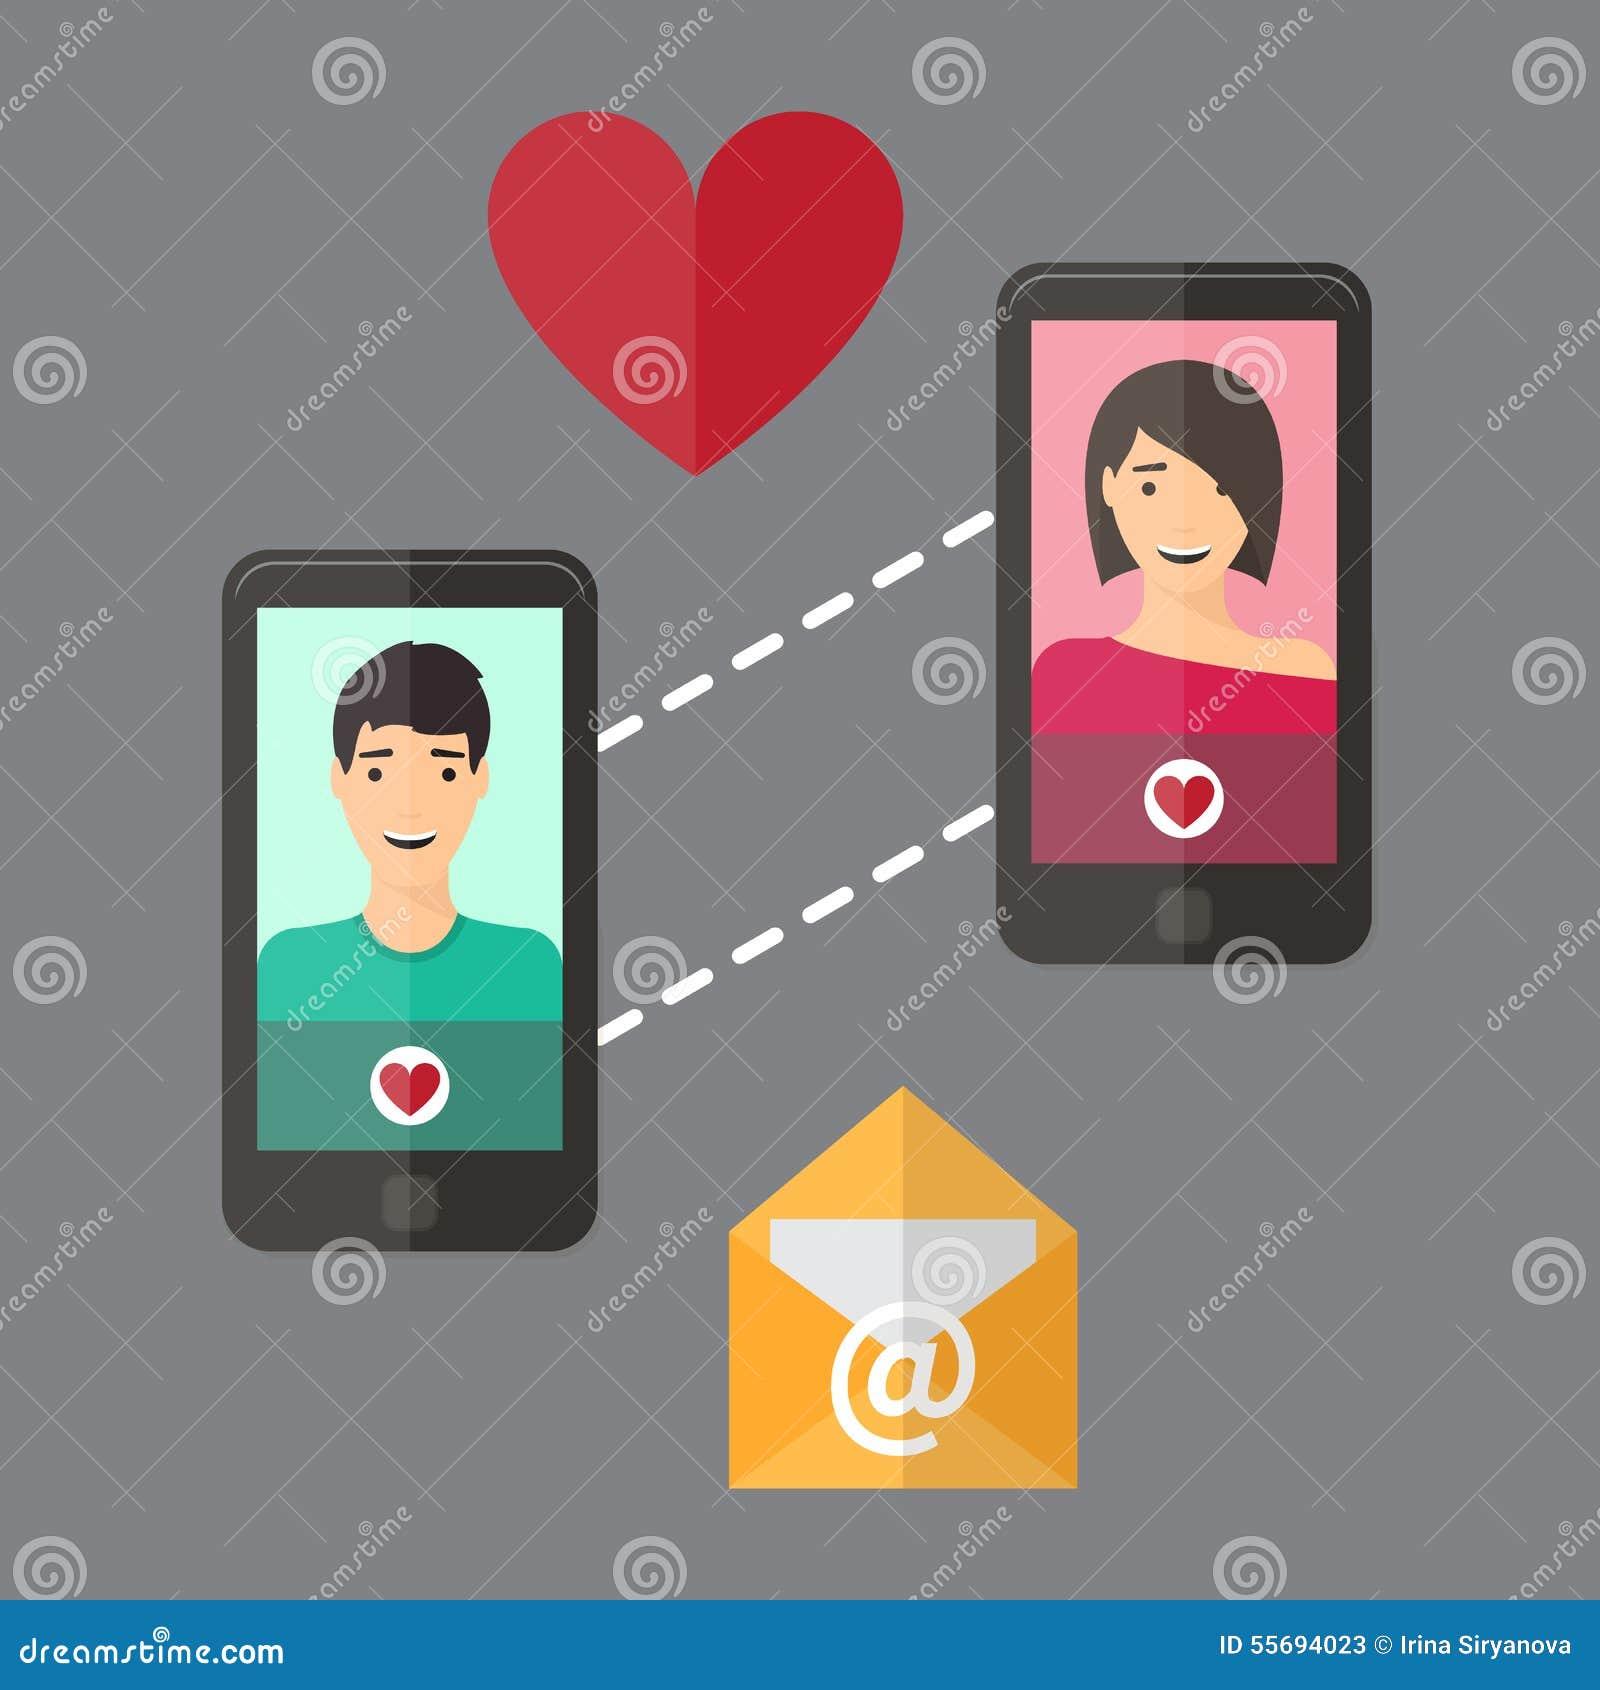 Flirt com mobile